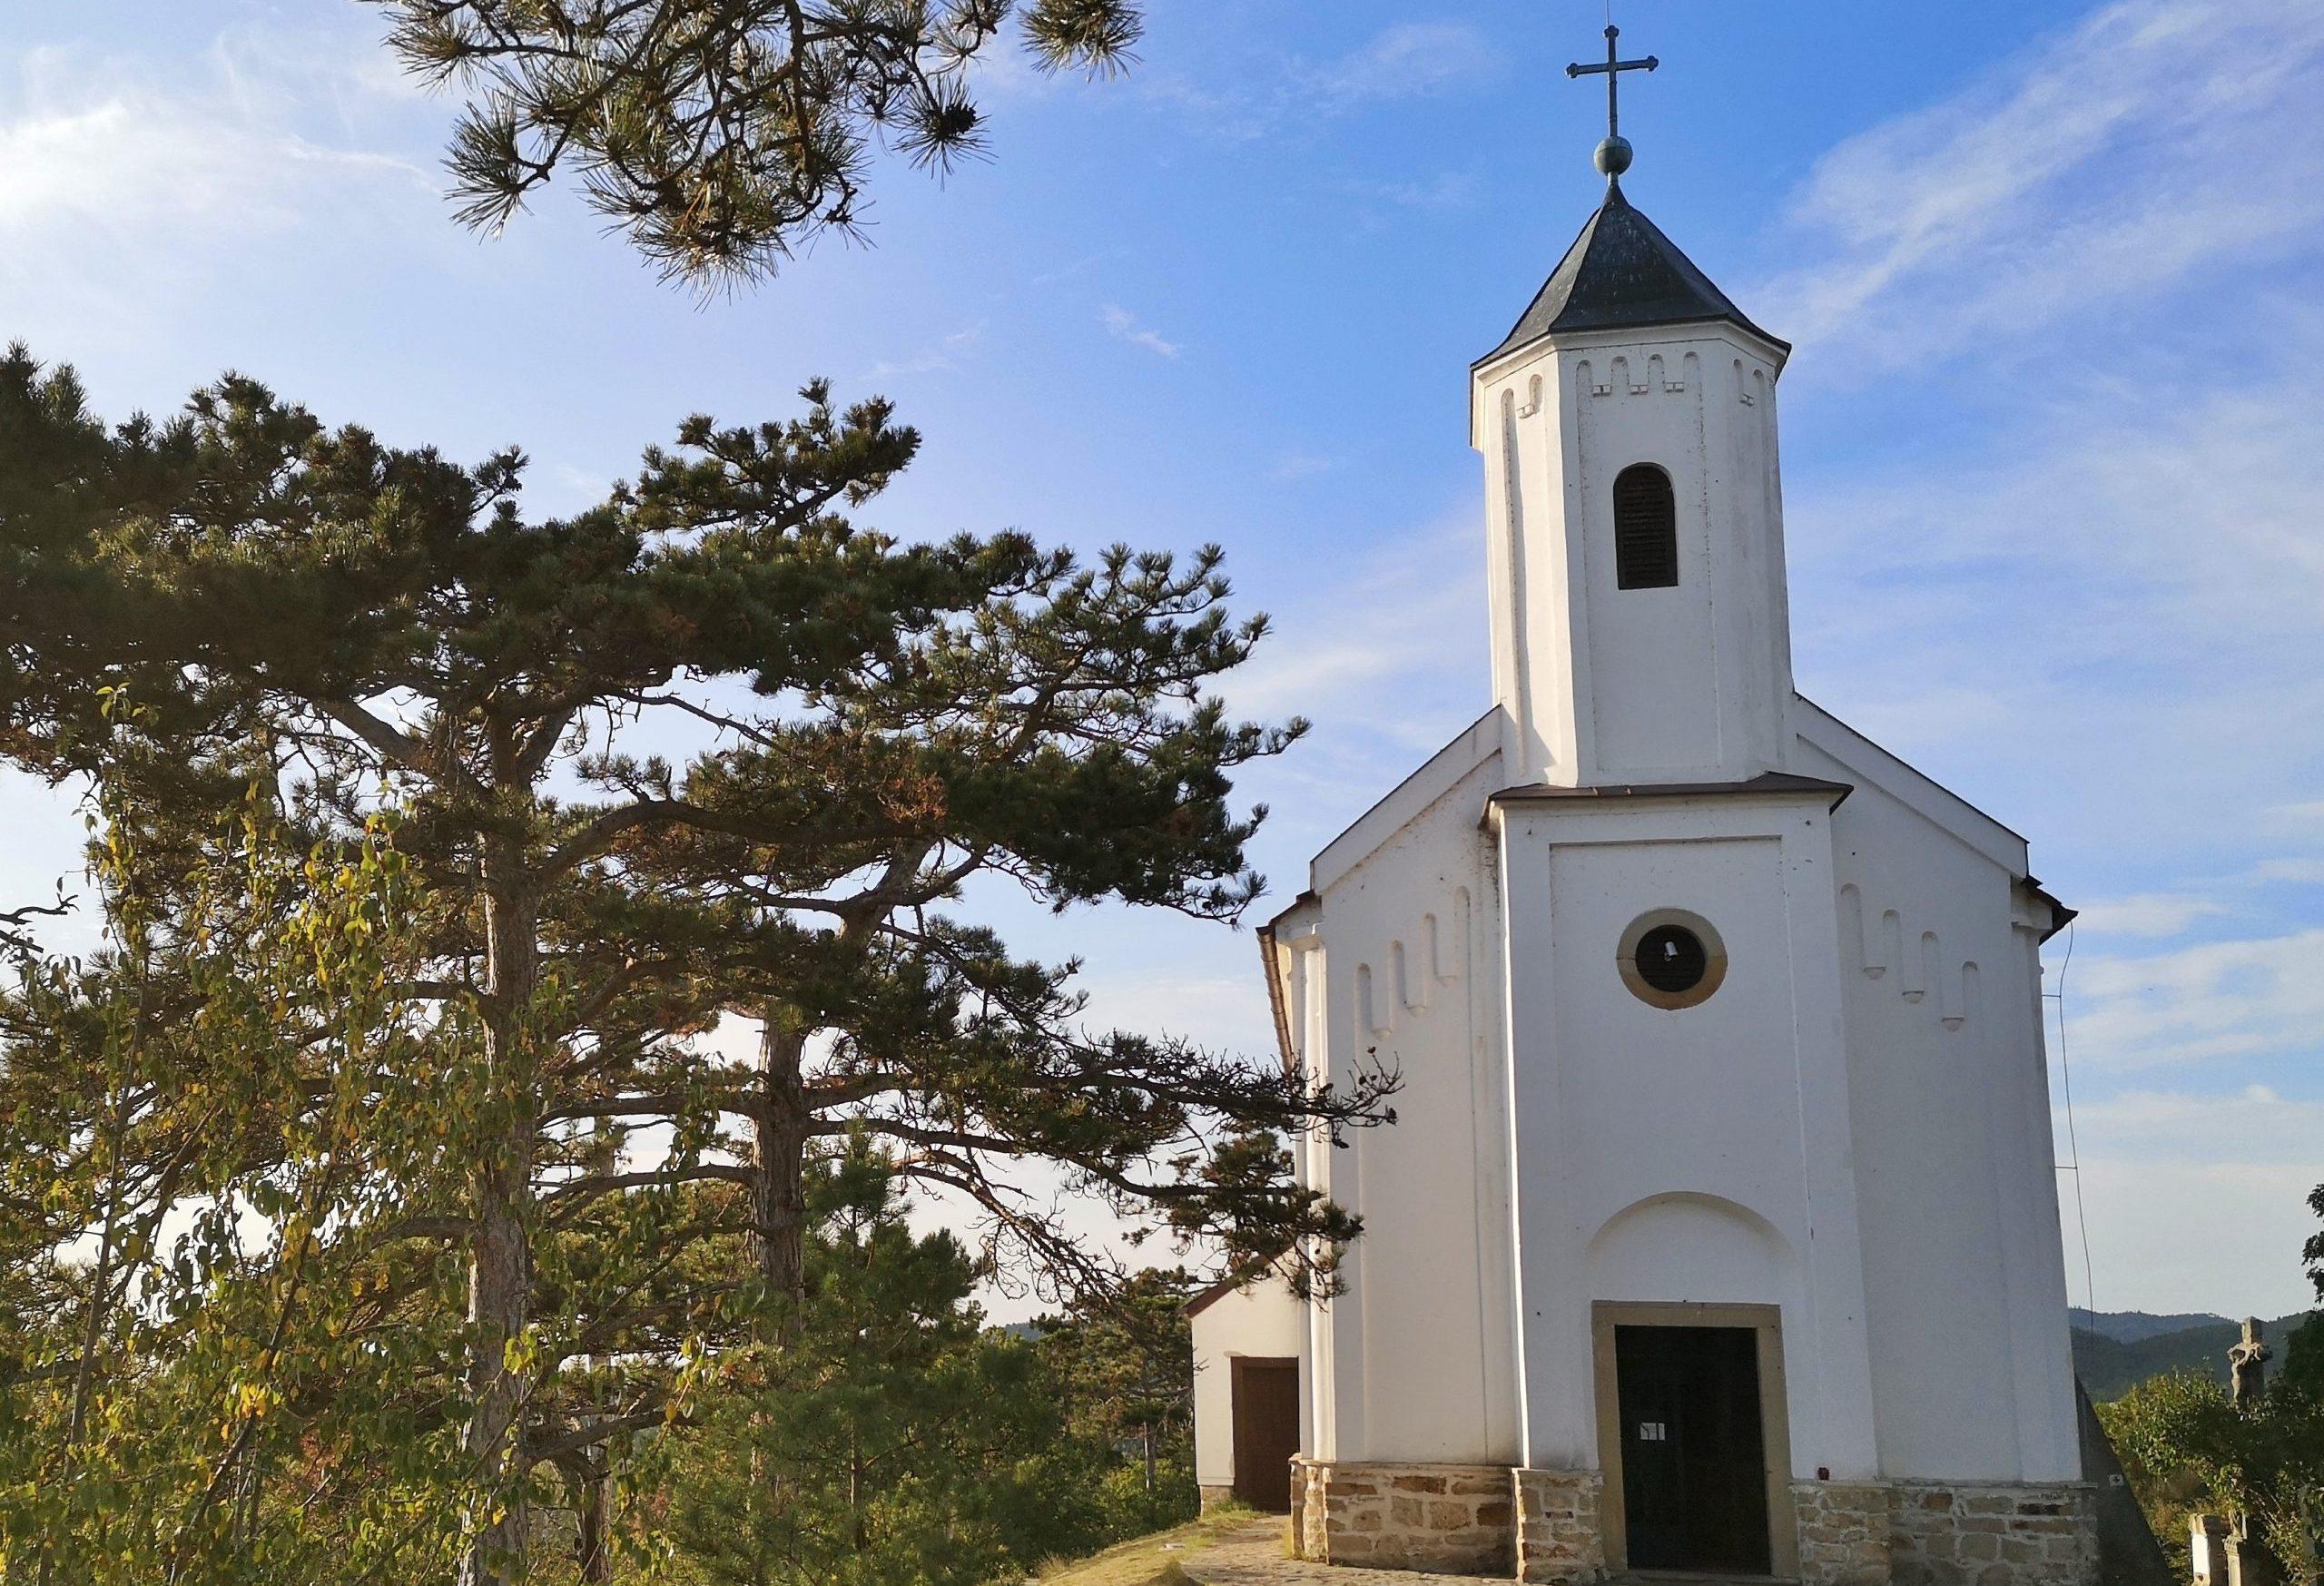 Szent Mihály kápolna, Vonyarcvashegy